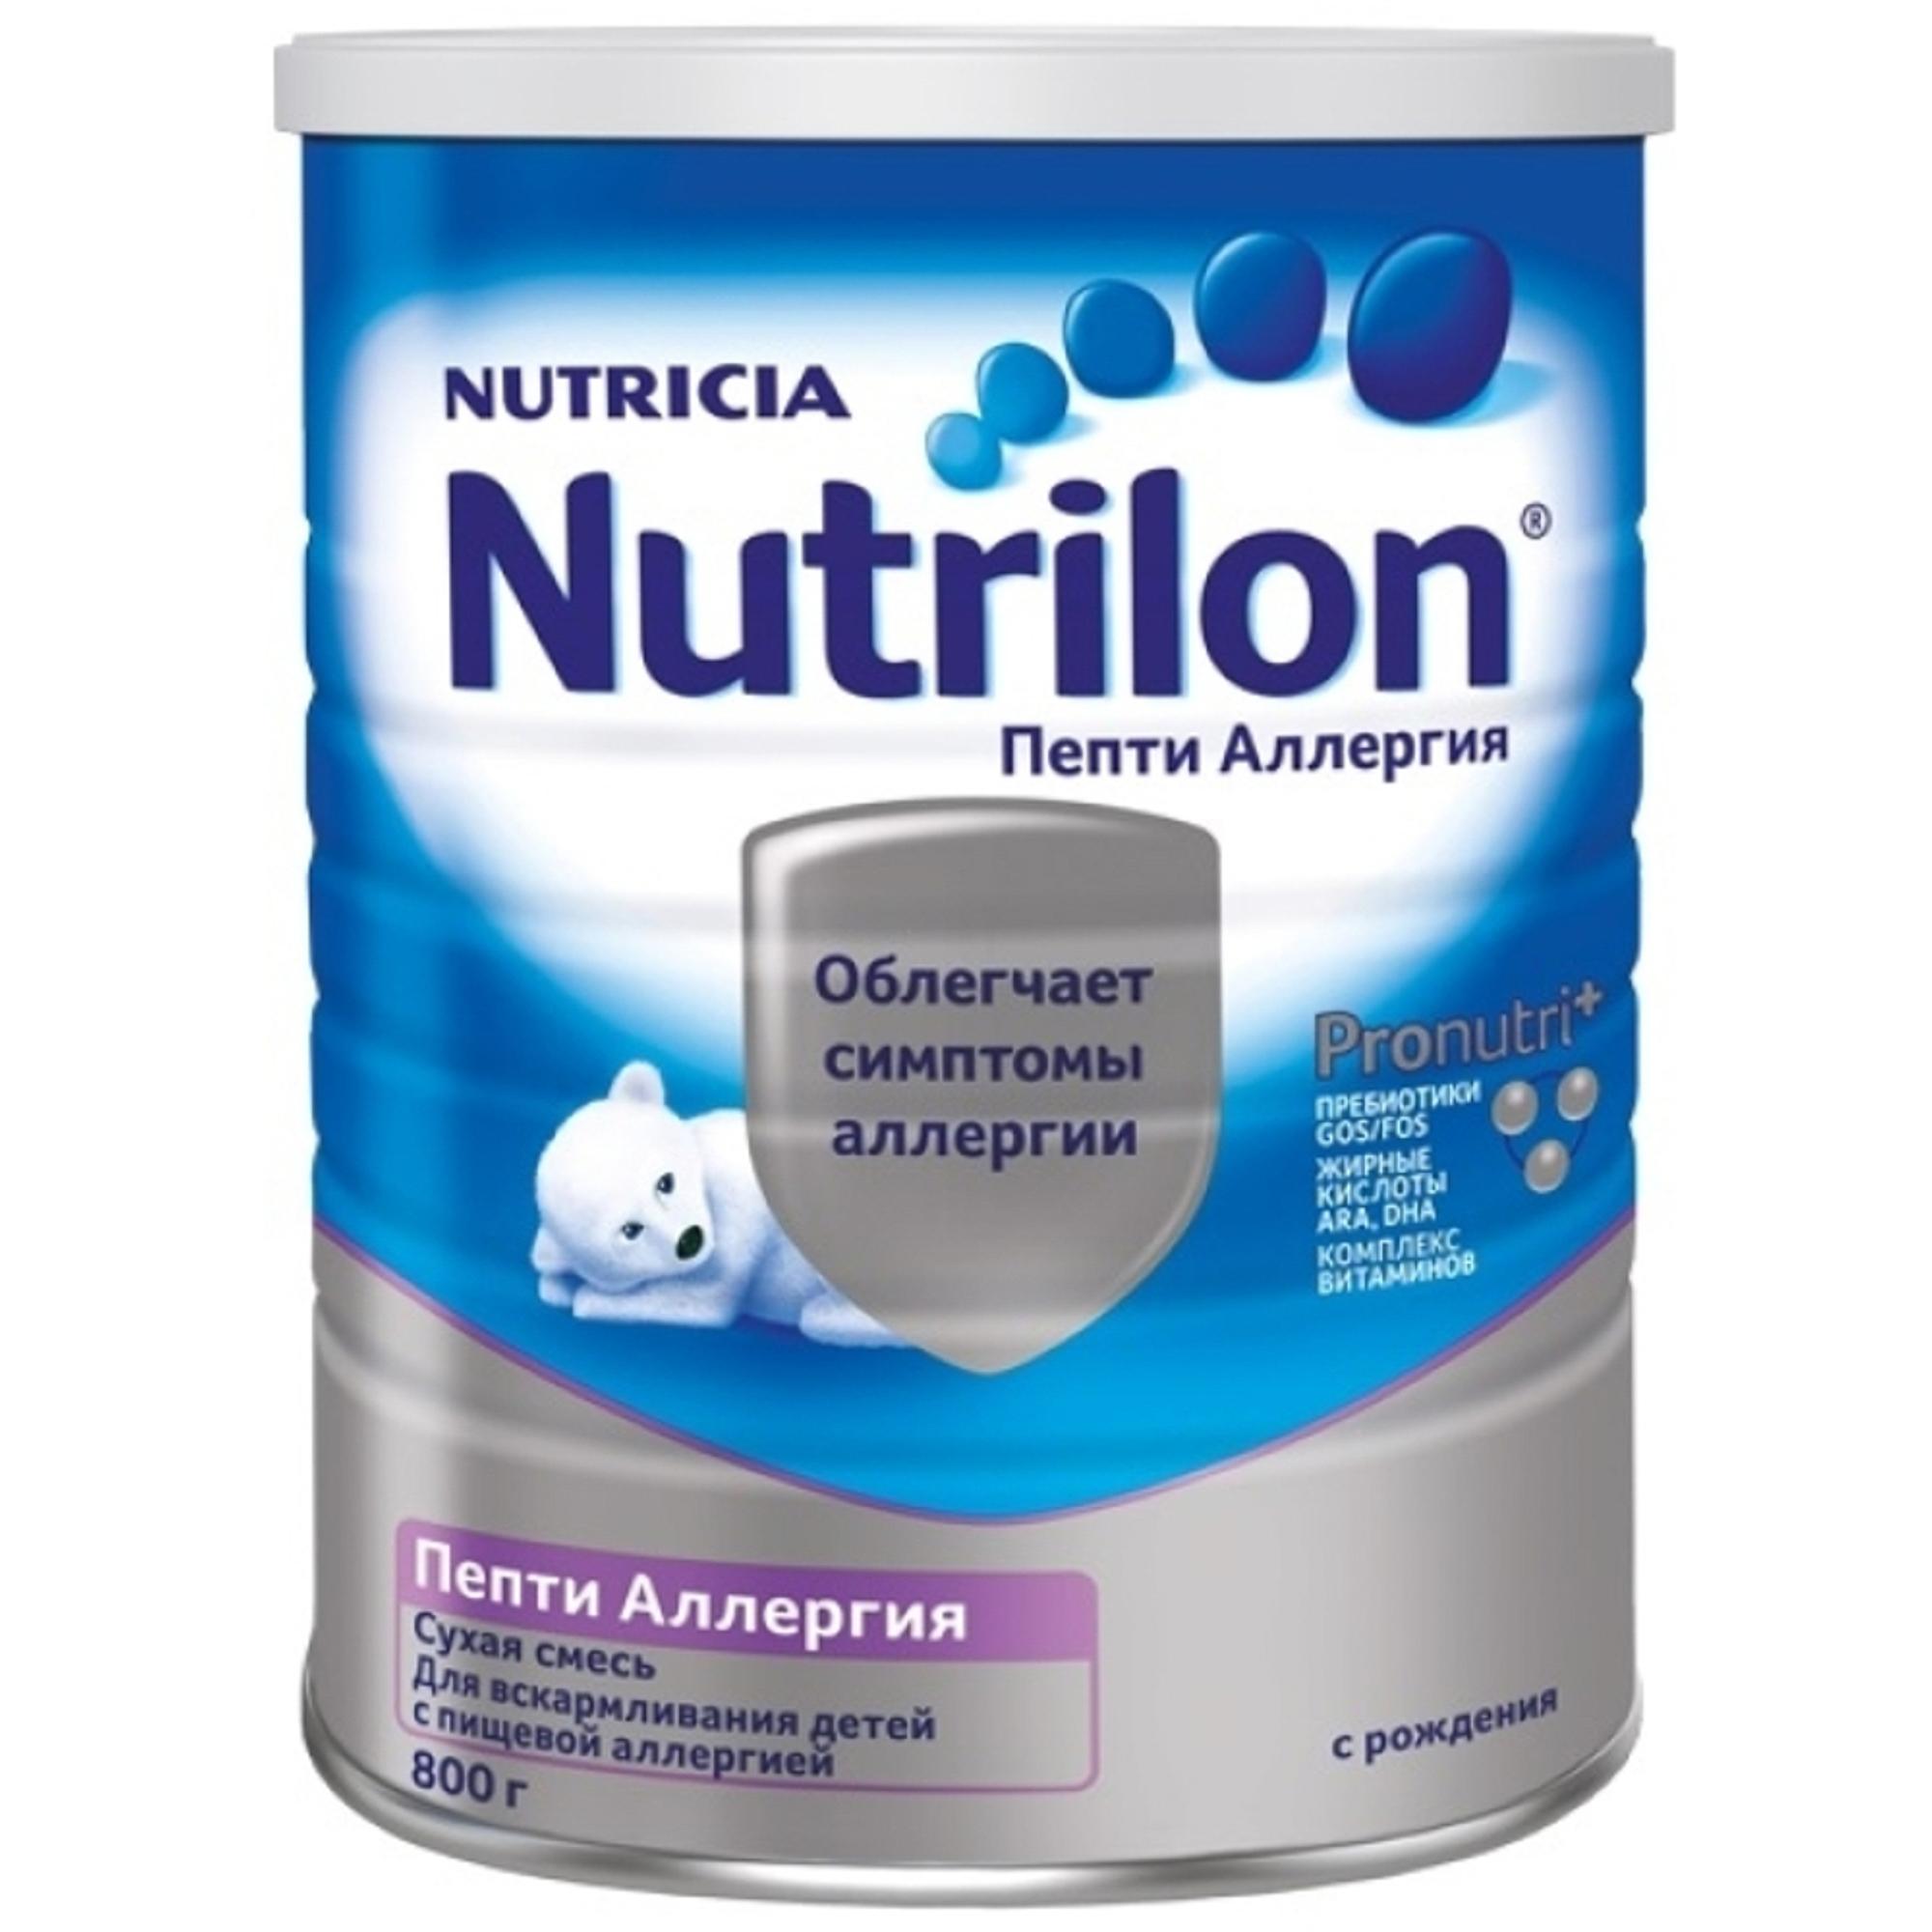 Молочная смесь Nutrilon Пепти Аллергия с рождения 800 г молочная смесь nutricia nutrilon nutricia 1 premium c рождения 800 г